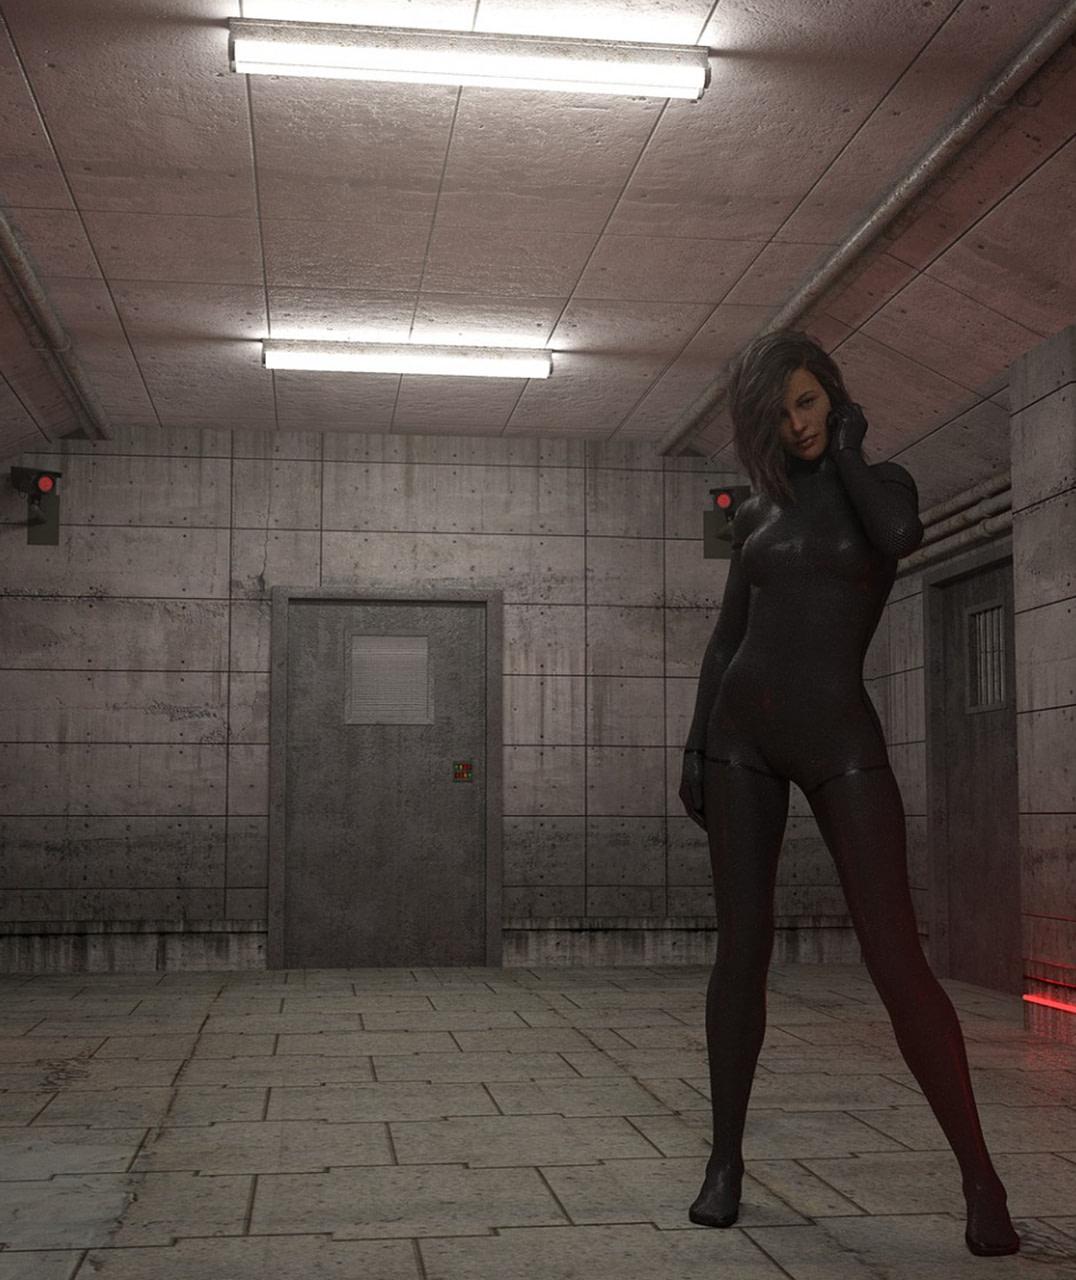 daz sci fi prison hallway